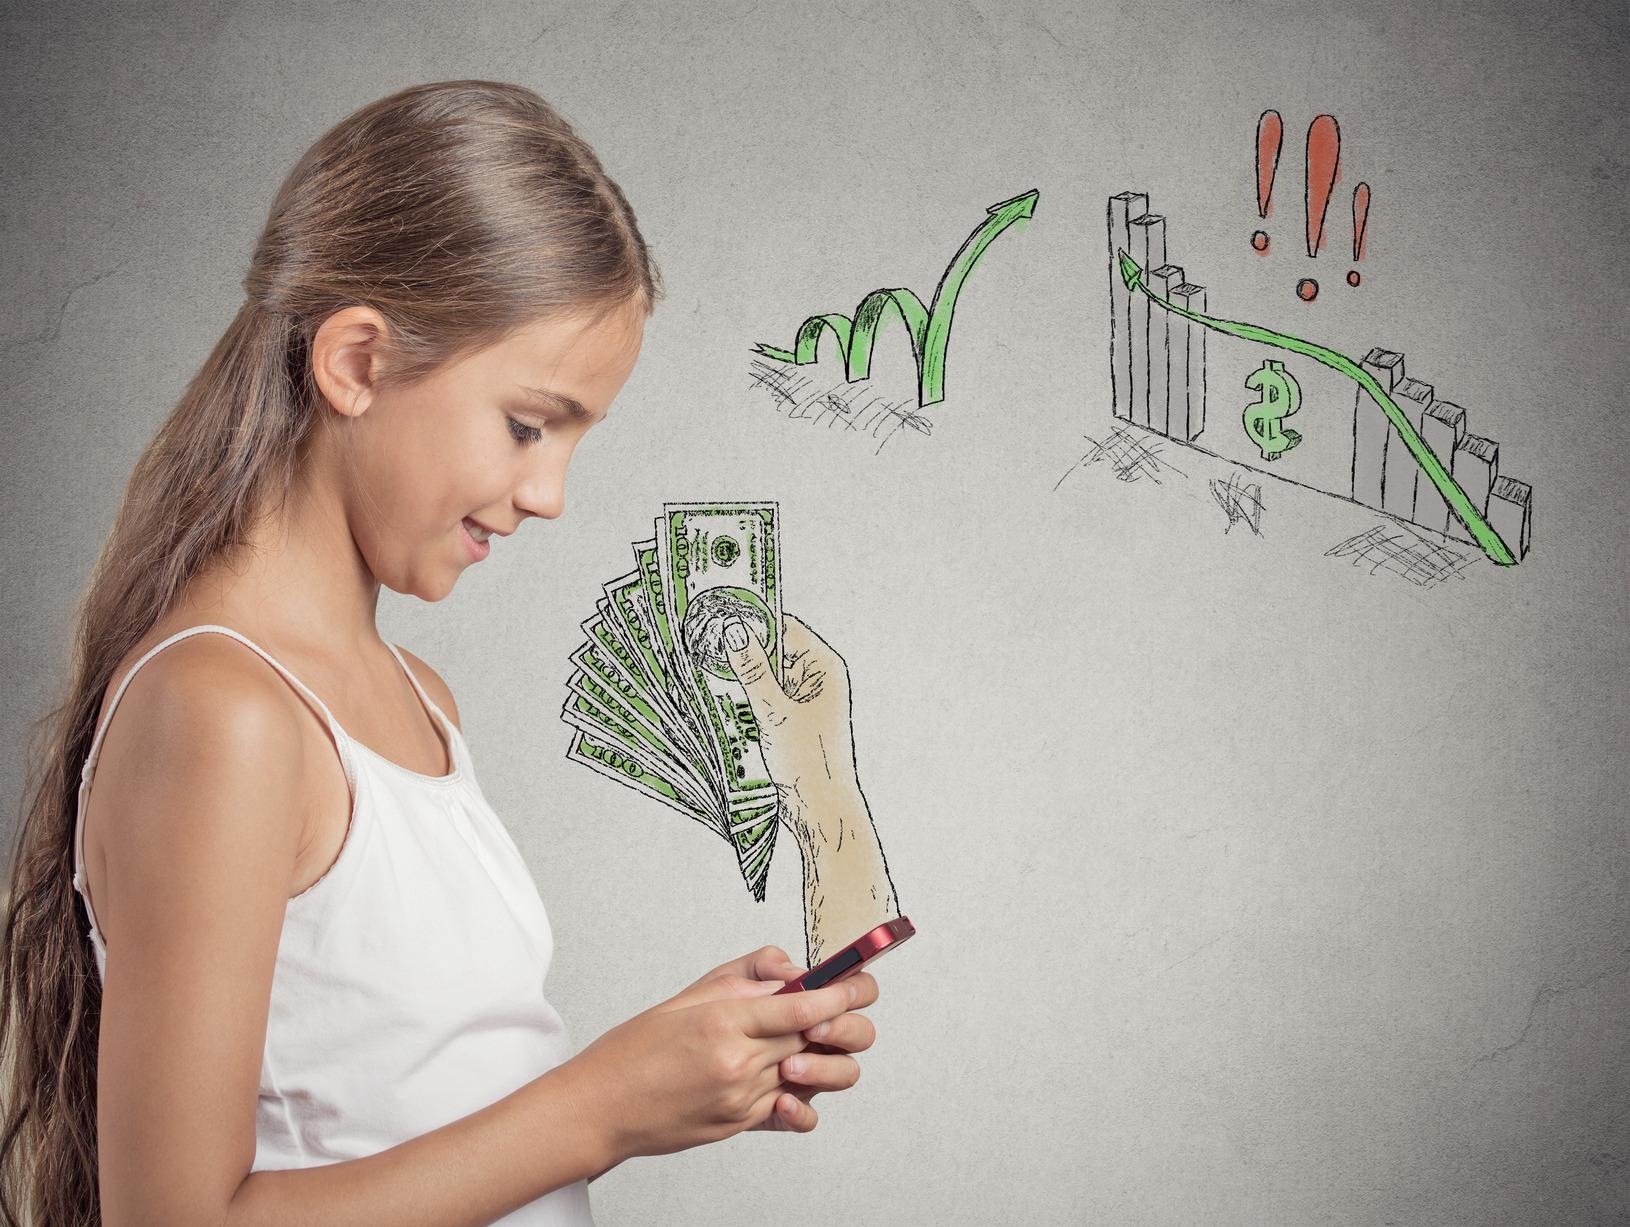 Wyznaczanie celów w 5 krokach: skuteczne narzędzie do zwiększenia sprzedaży online